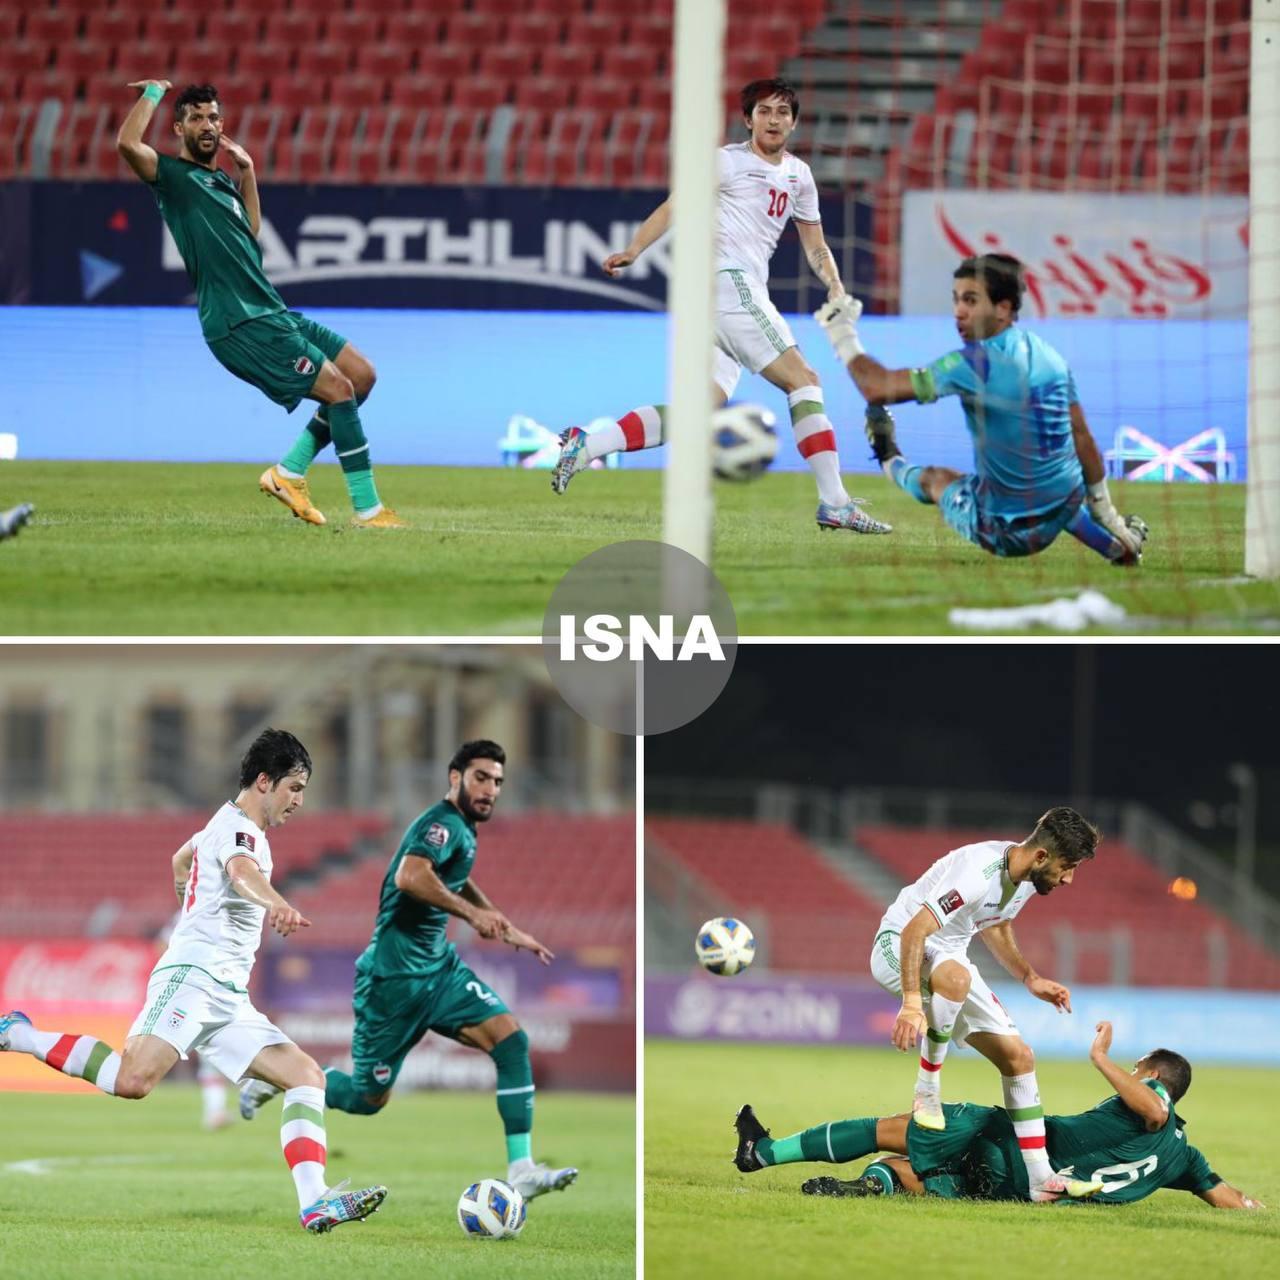 تصاویری از دیدار تیم فوتبال ایران و عراق